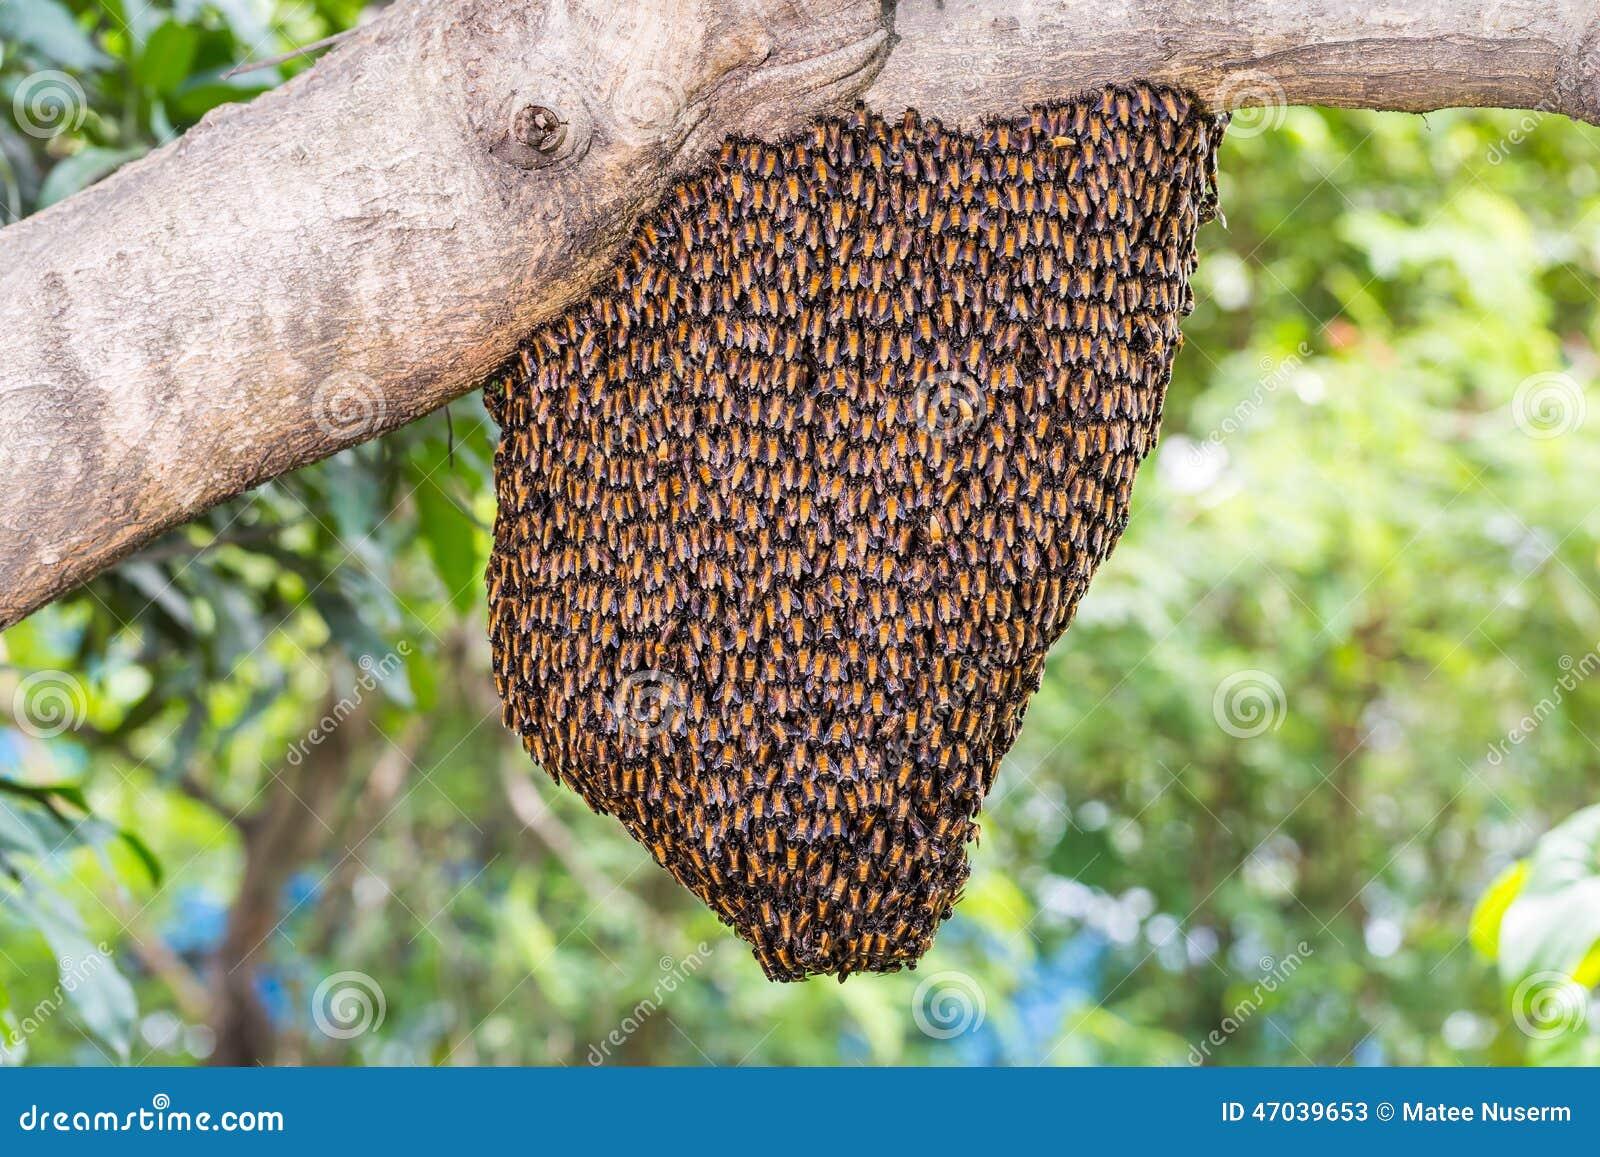 垂悬从蜂蜜的大的蝴蝶树枝.巴甘的蜂群读后感300字图片